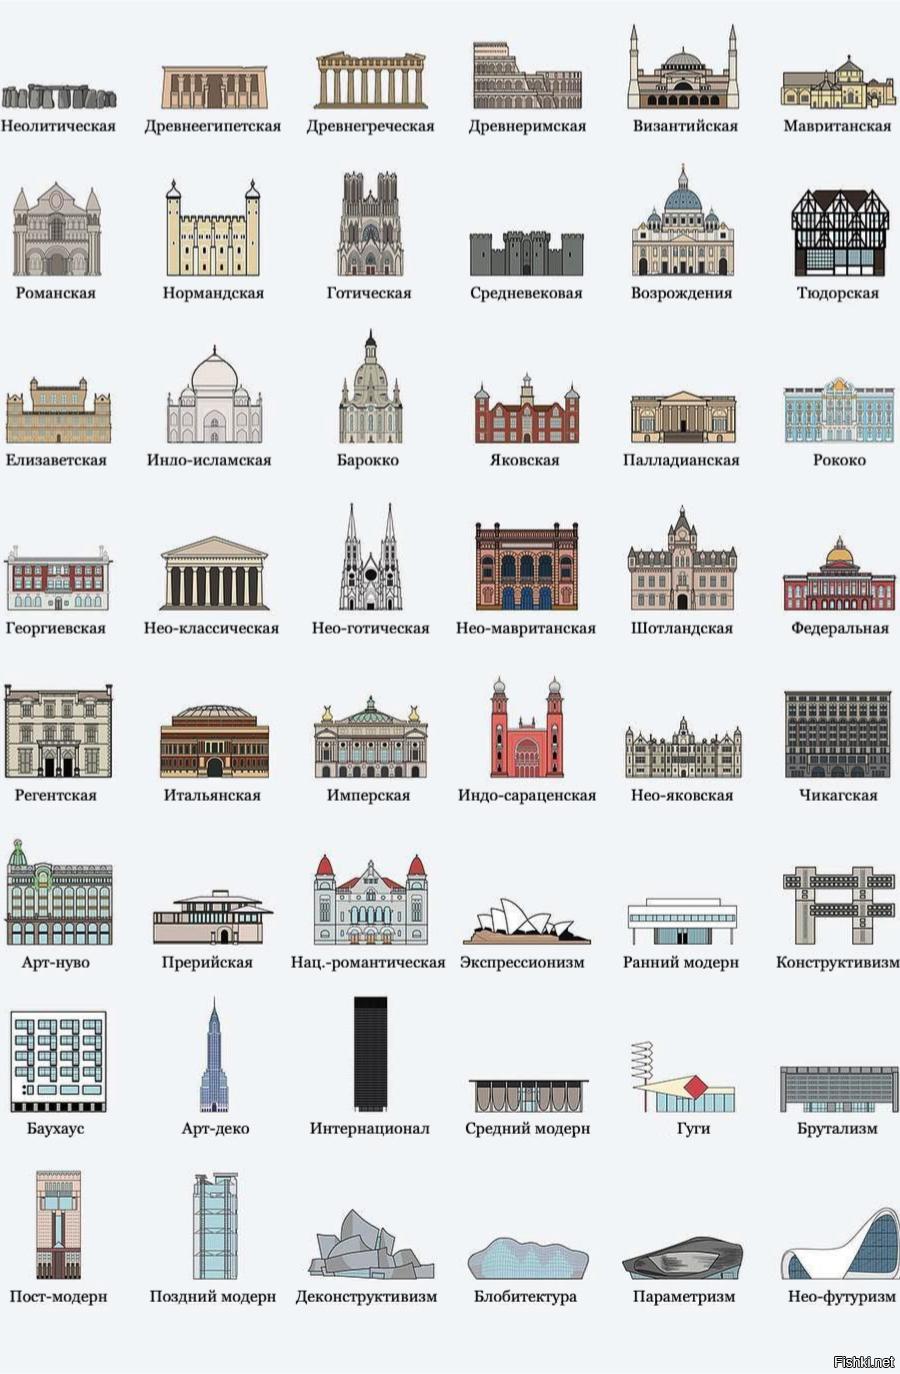 сравнение зданий на картинке кожно-эпителиальных